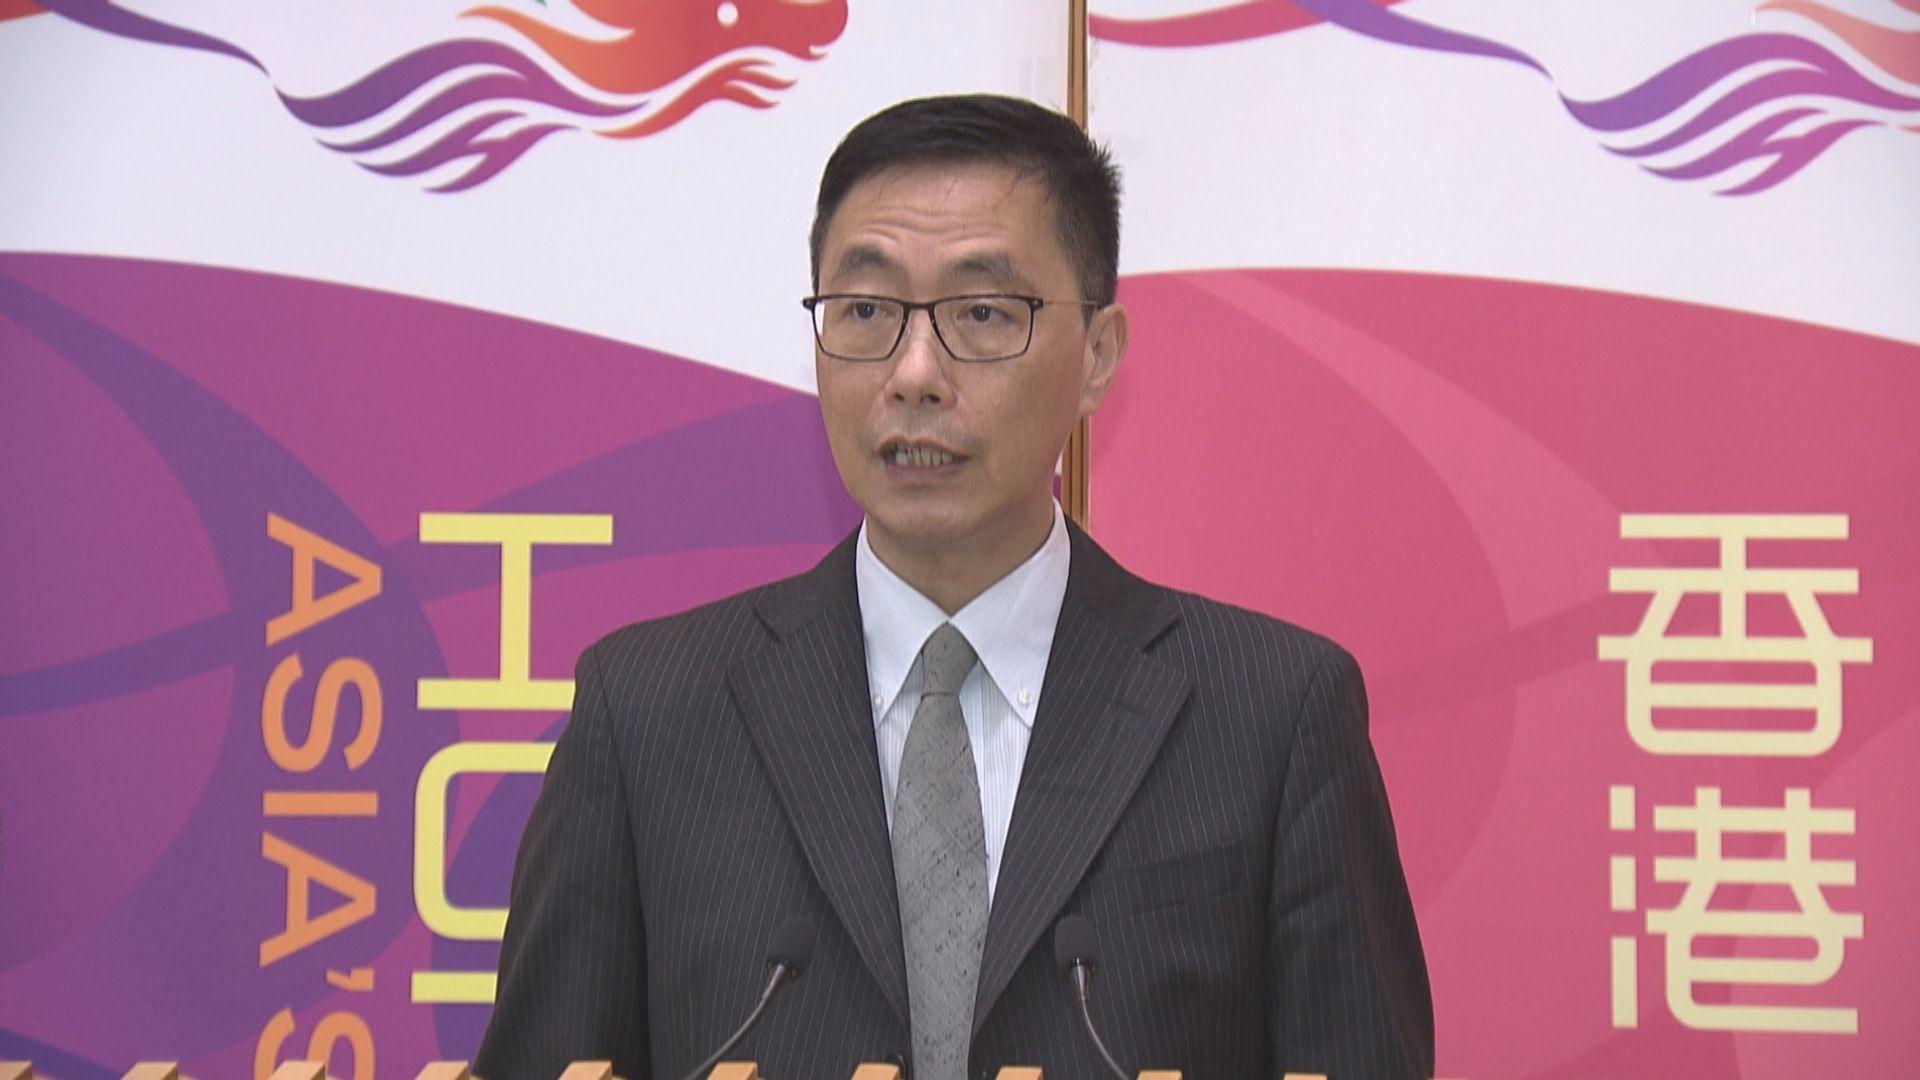 楊潤雄:基本法下「三權分立」說法不準確 通識教科書要清楚表述